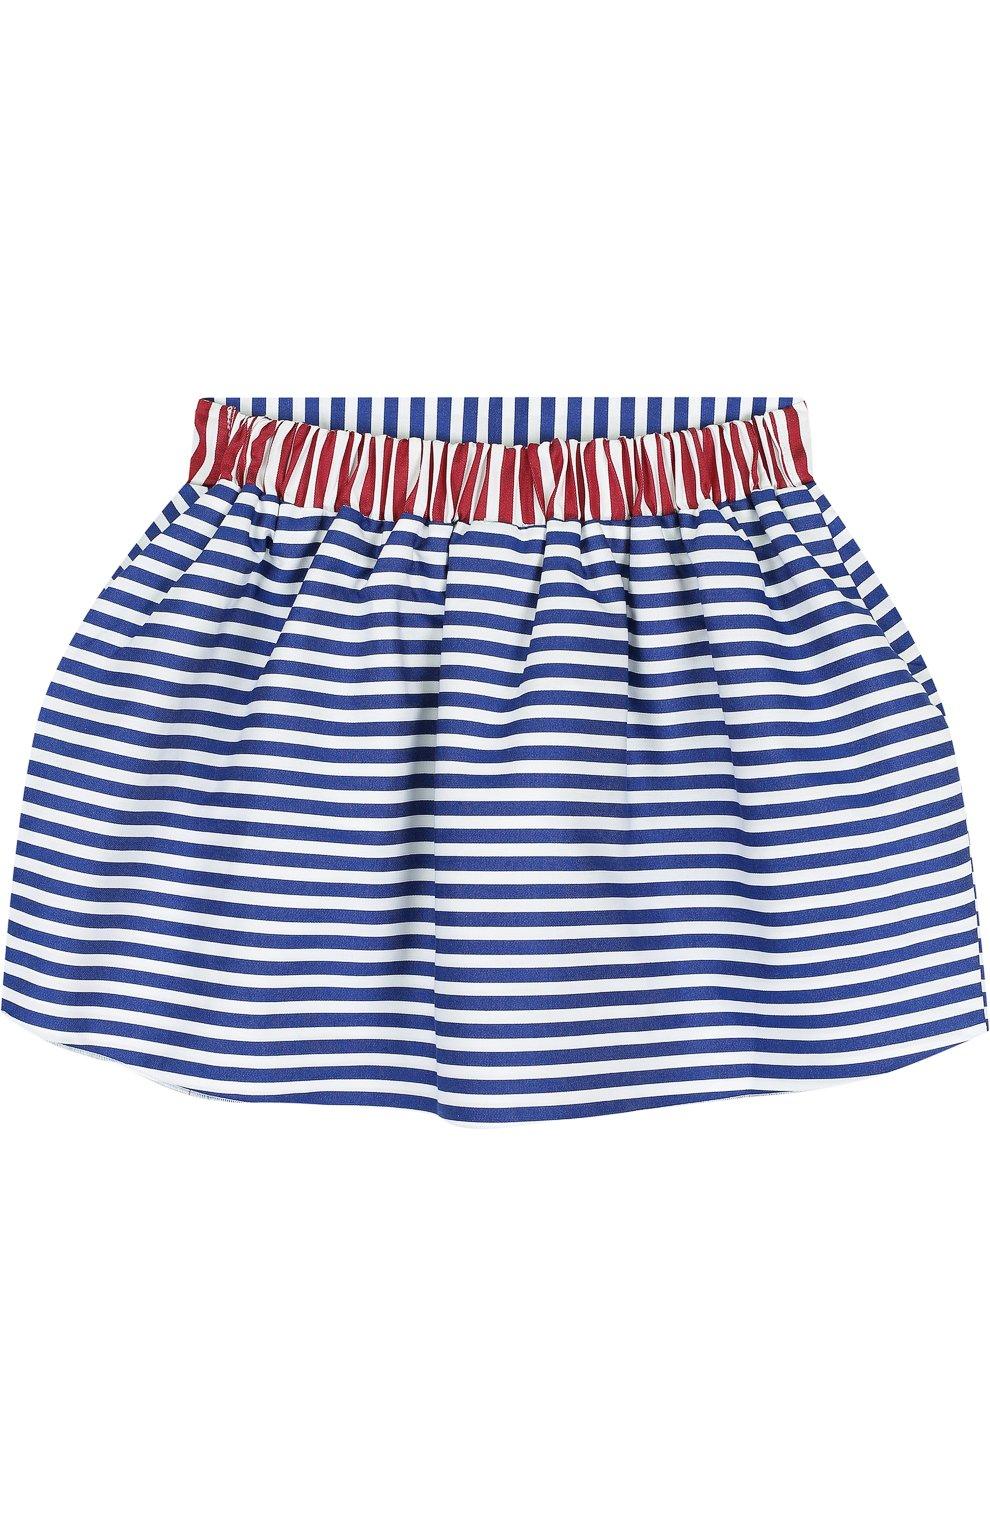 Хлопковая мини-юбка свободного кроя | Фото №2